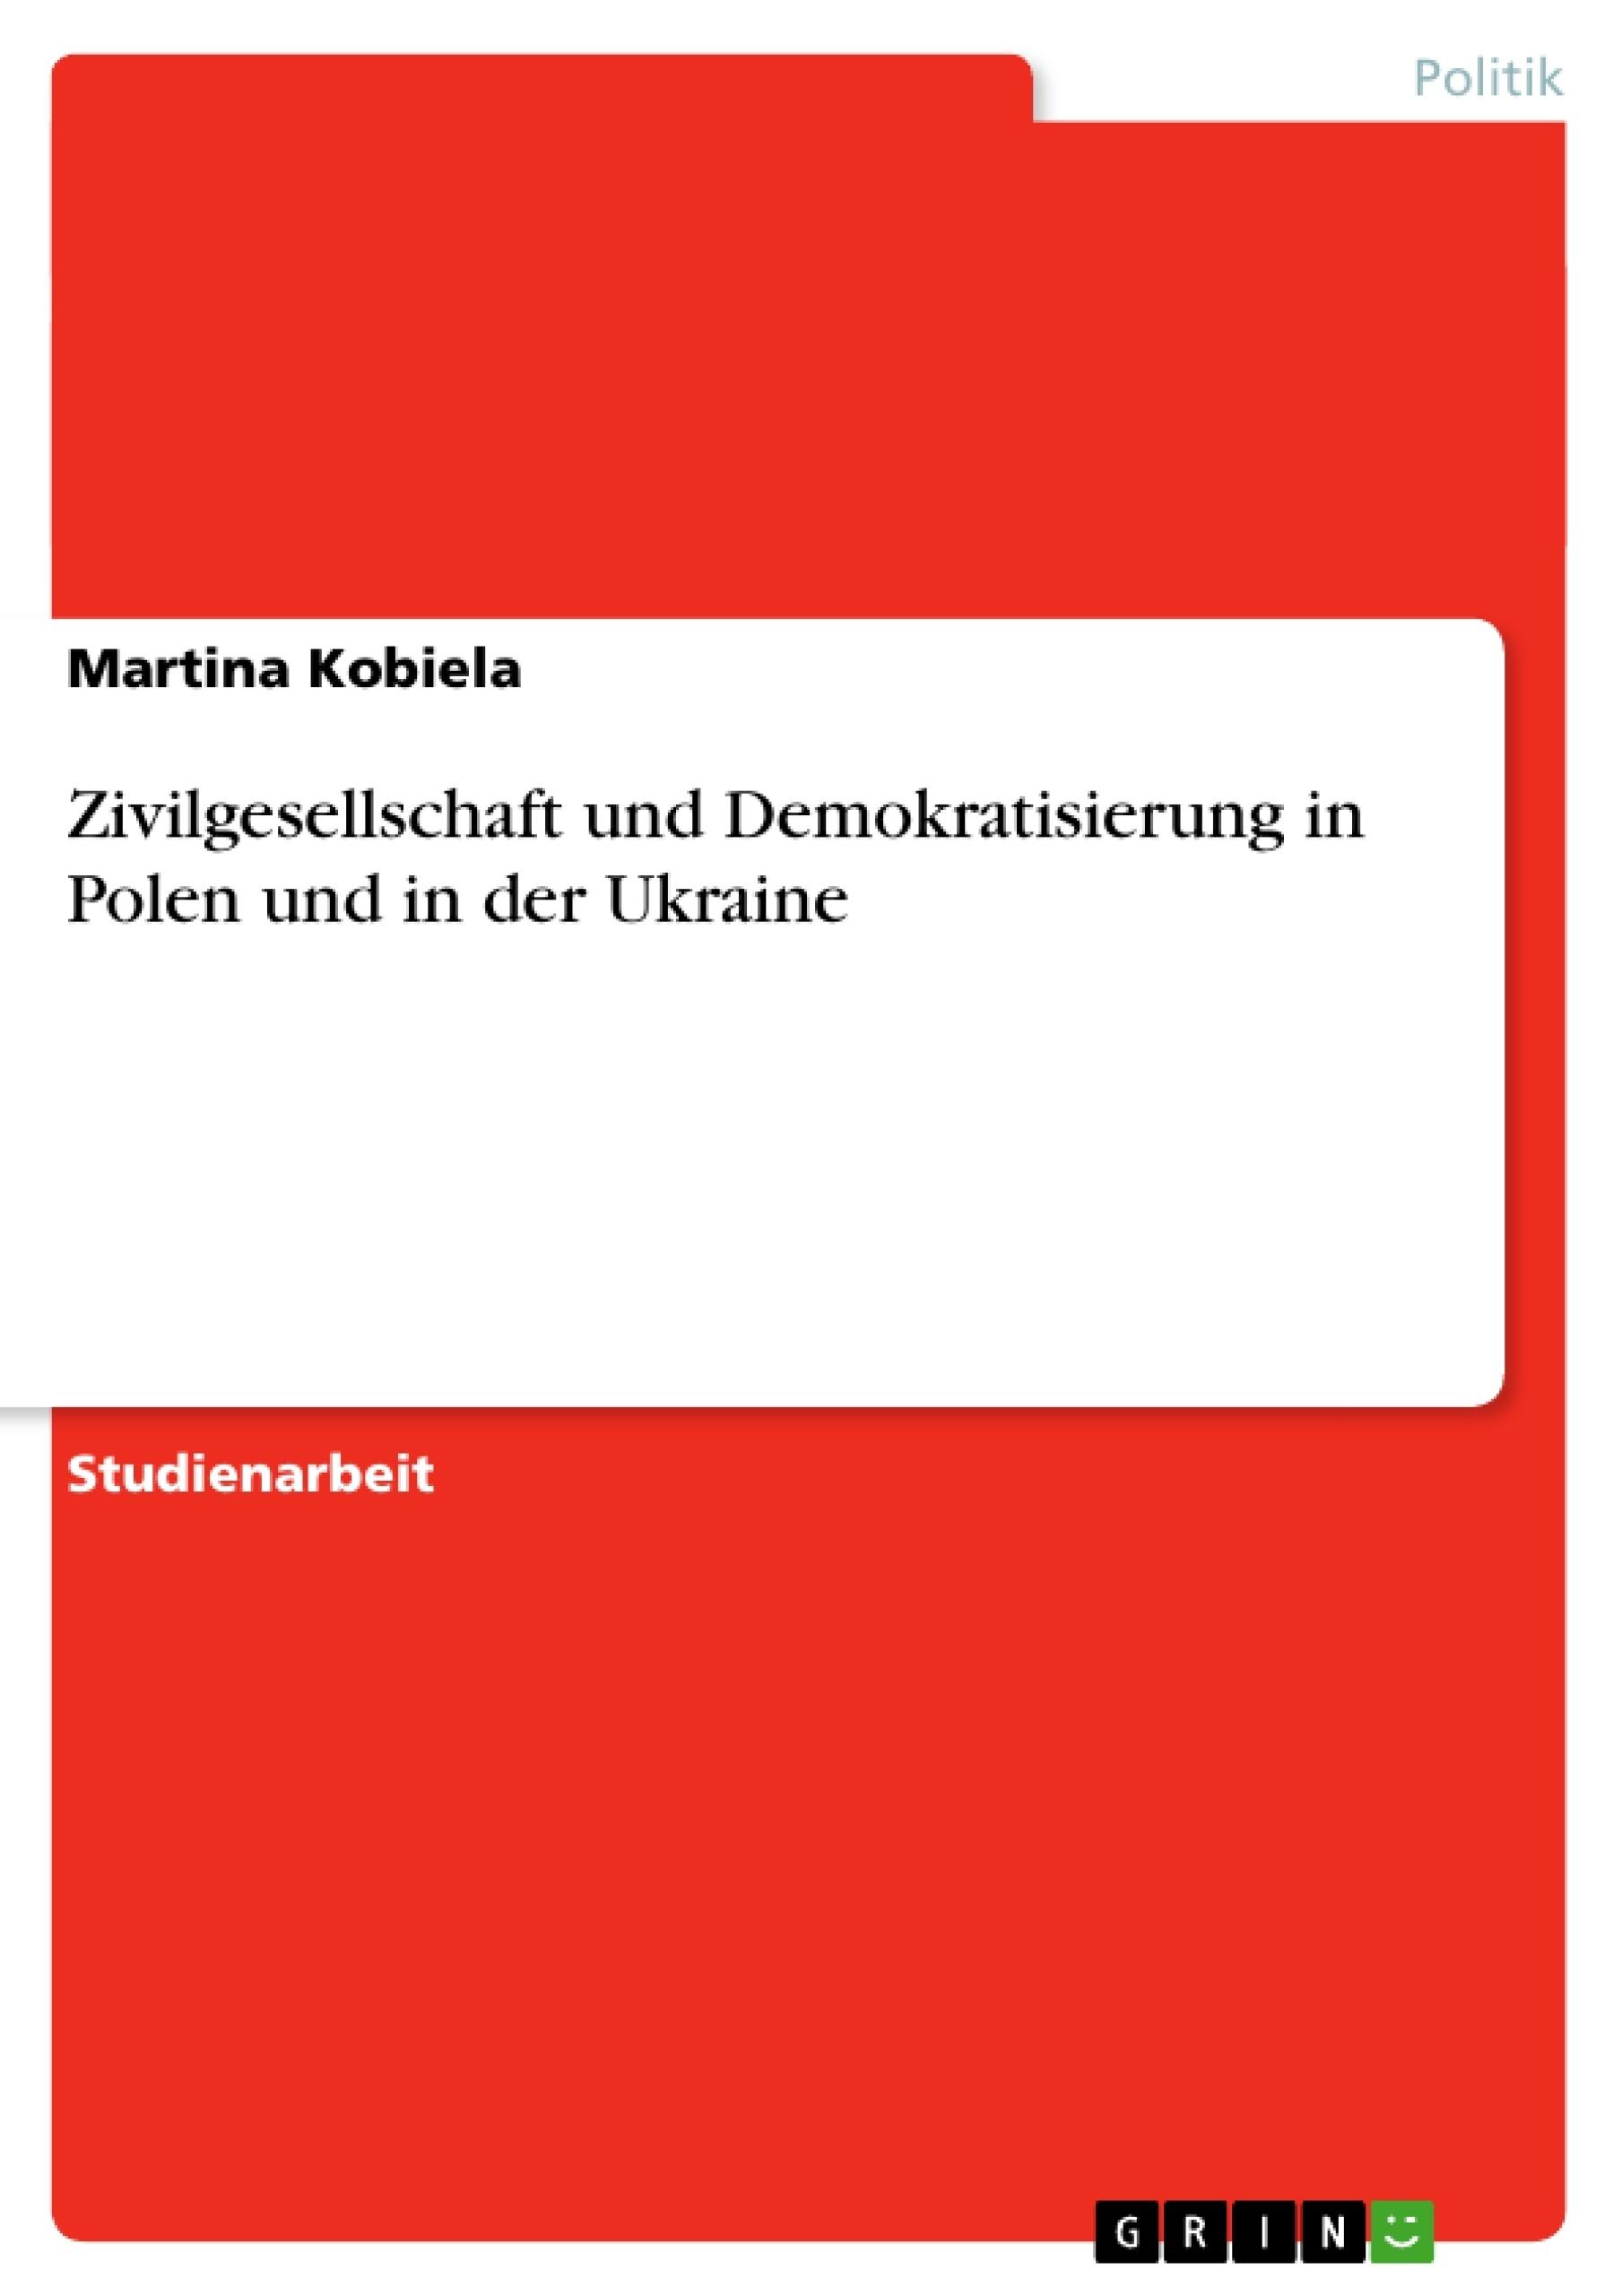 Titel: Zivilgesellschaft und Demokratisierung in Polen und in der Ukraine